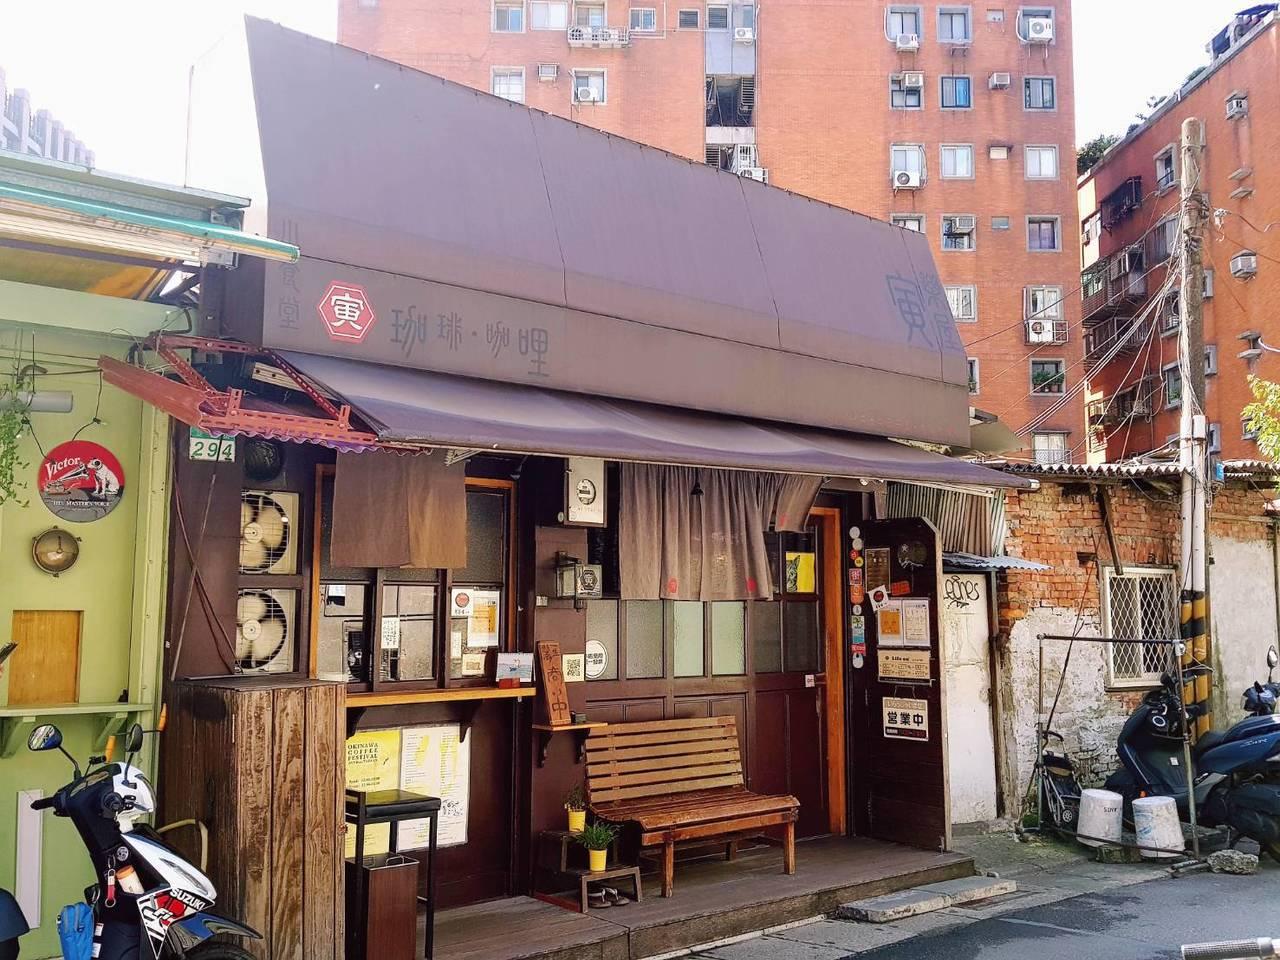 寅樂屋的外觀擁有復古的日式食堂風格,頗受文青族群喜愛。記者陳睿中/攝影